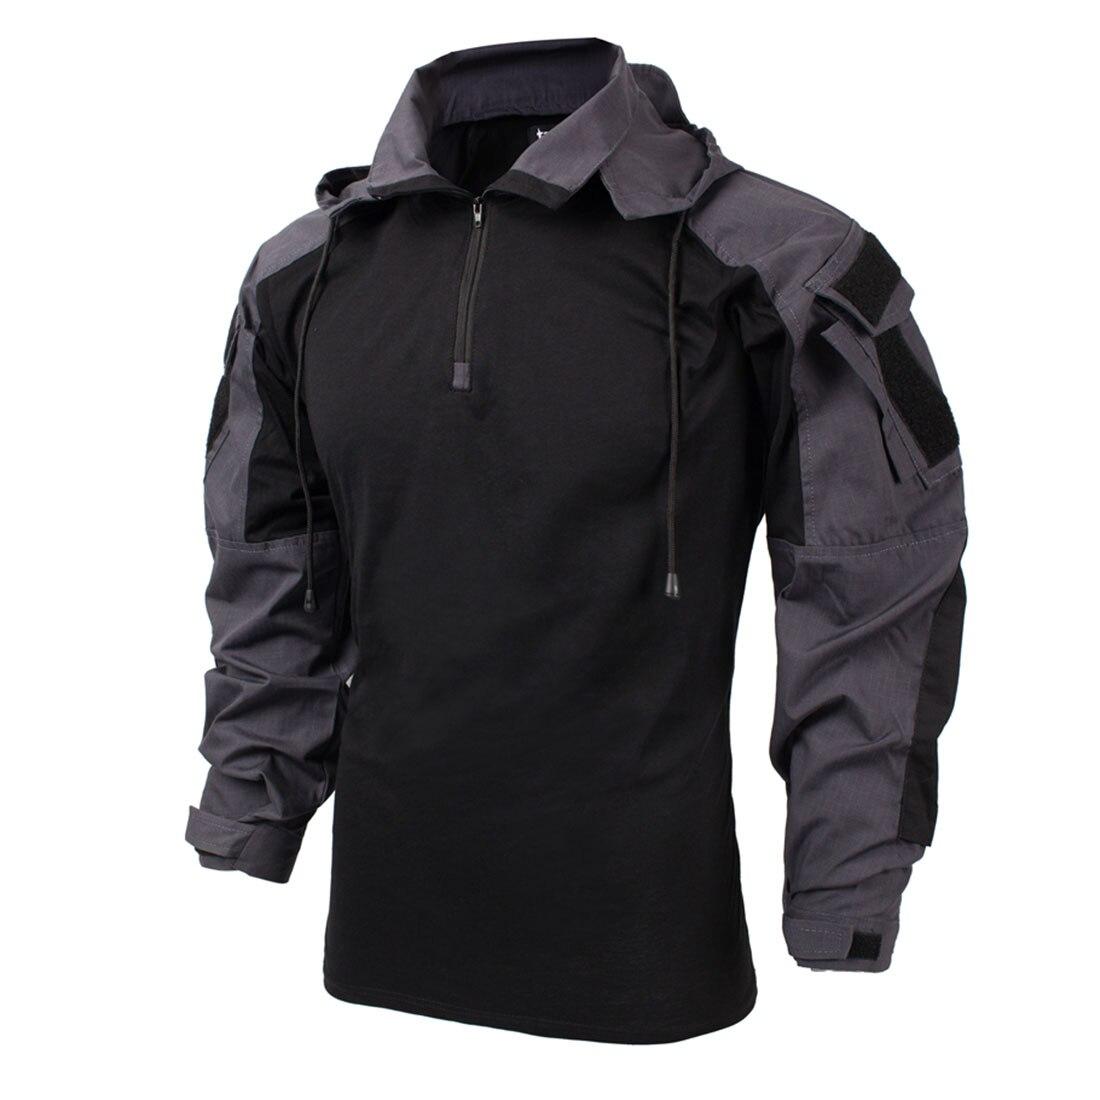 bacraft-sp2-version-chemise-tactique-vetements-de-combat-gris-carbone-xxl